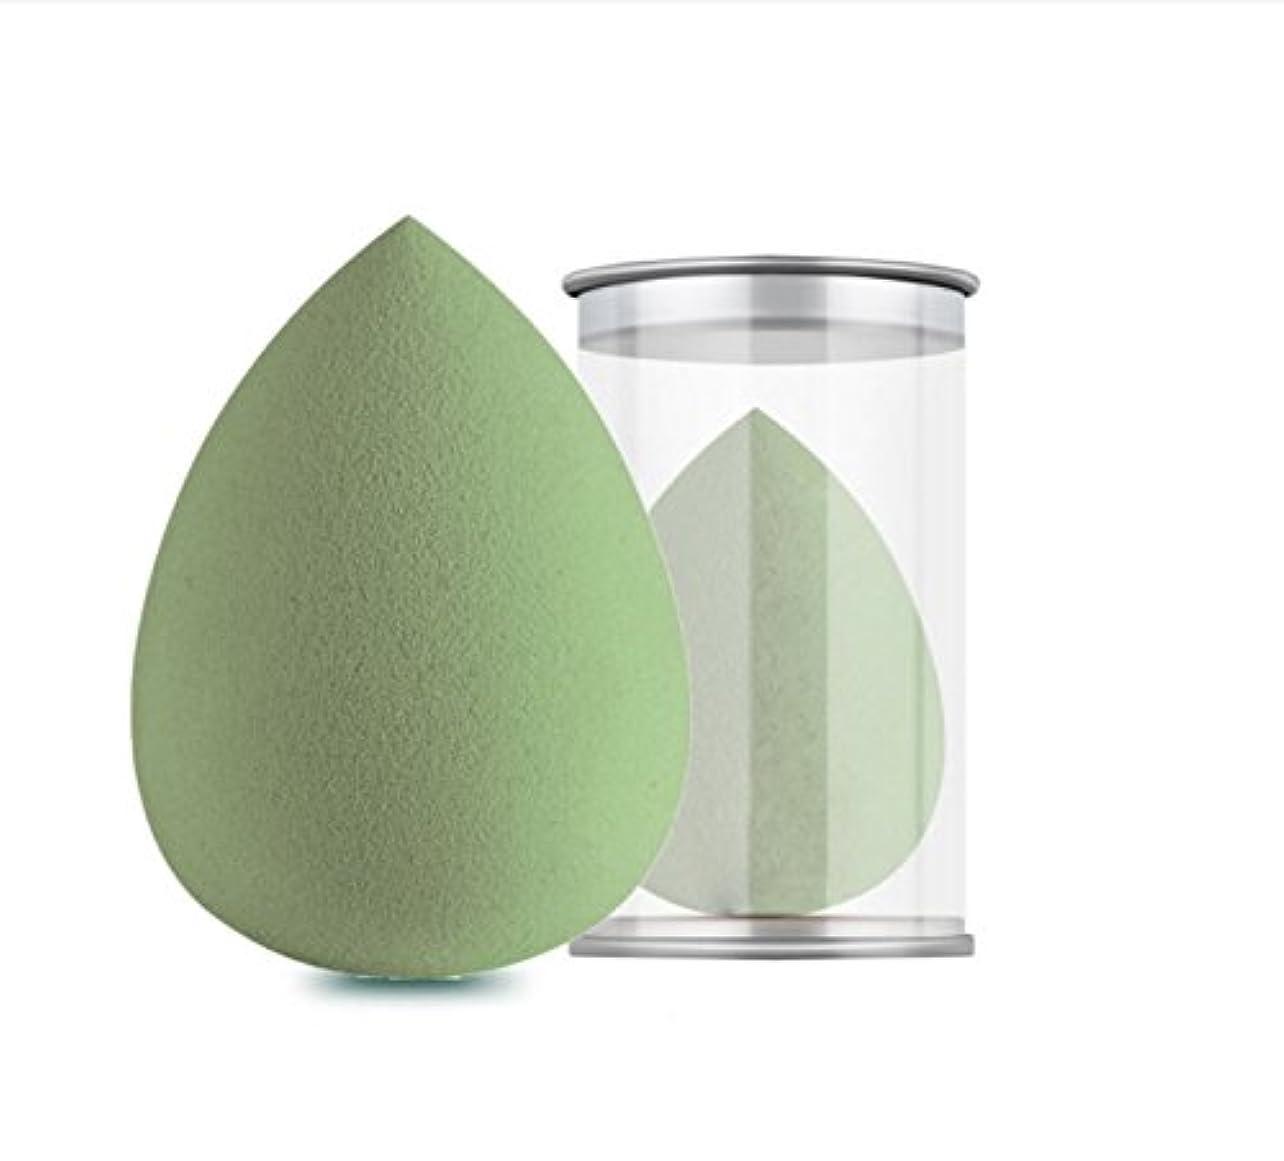 さようなら学んだ電卓Kinoneメイクスポンジ 斜めカット?卵型 化粧パフ ボックス付き パフ乾燥用抹茶グリーン ワインレッド (抹茶グリーン)